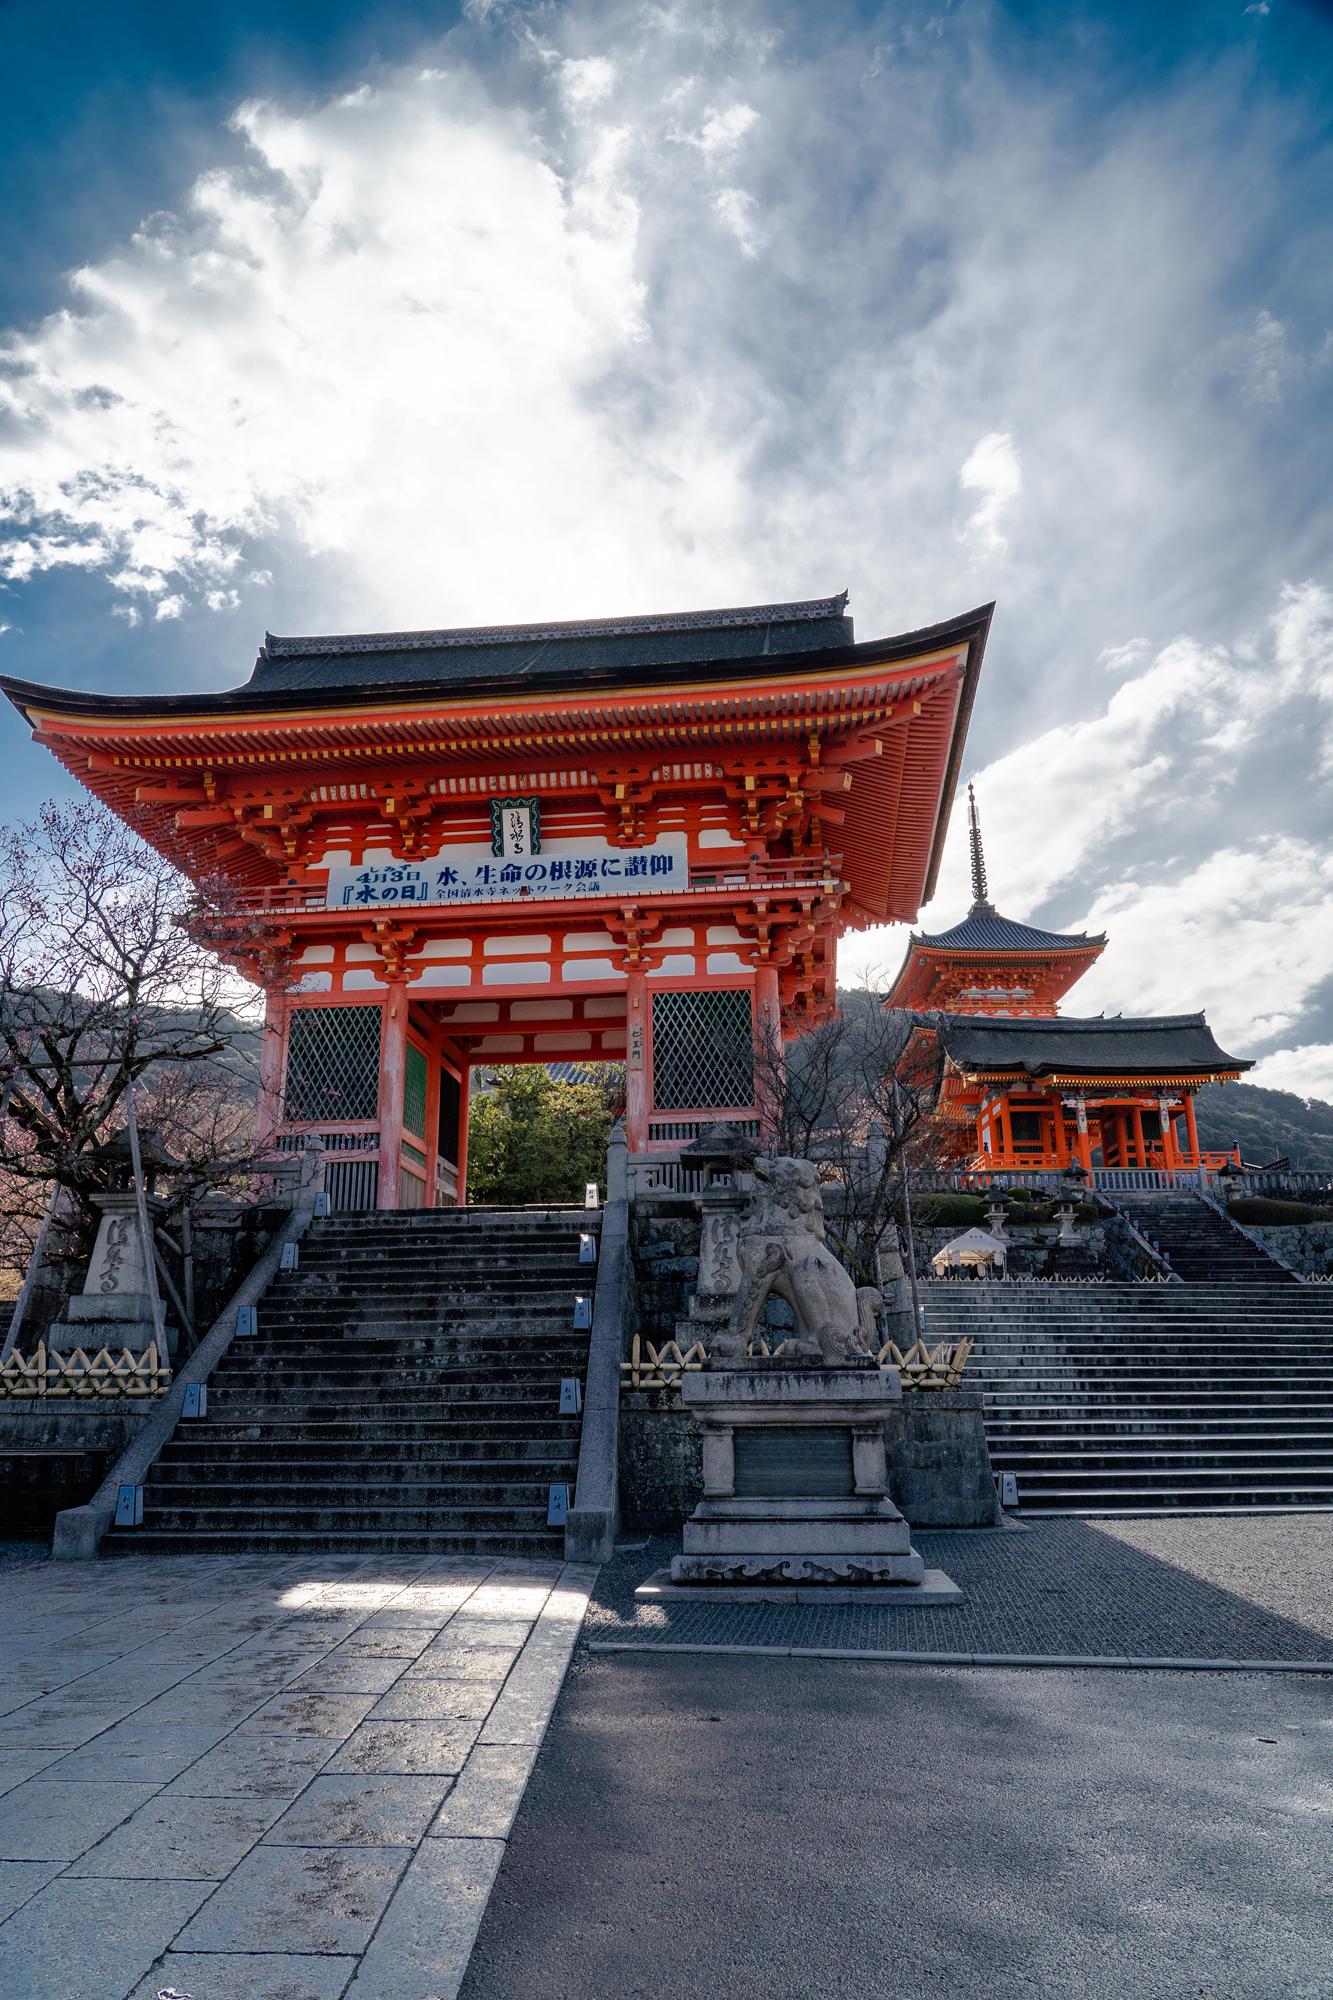 SONY_ILCE-7M3_3370705266-3370754311_2470 京都府 清水寺(2020年 清水寺の桜景色と春におすすめの写真スポット. 見どころやライトアップ、アクセス、工事状況、桜の見頃情報まとめ)